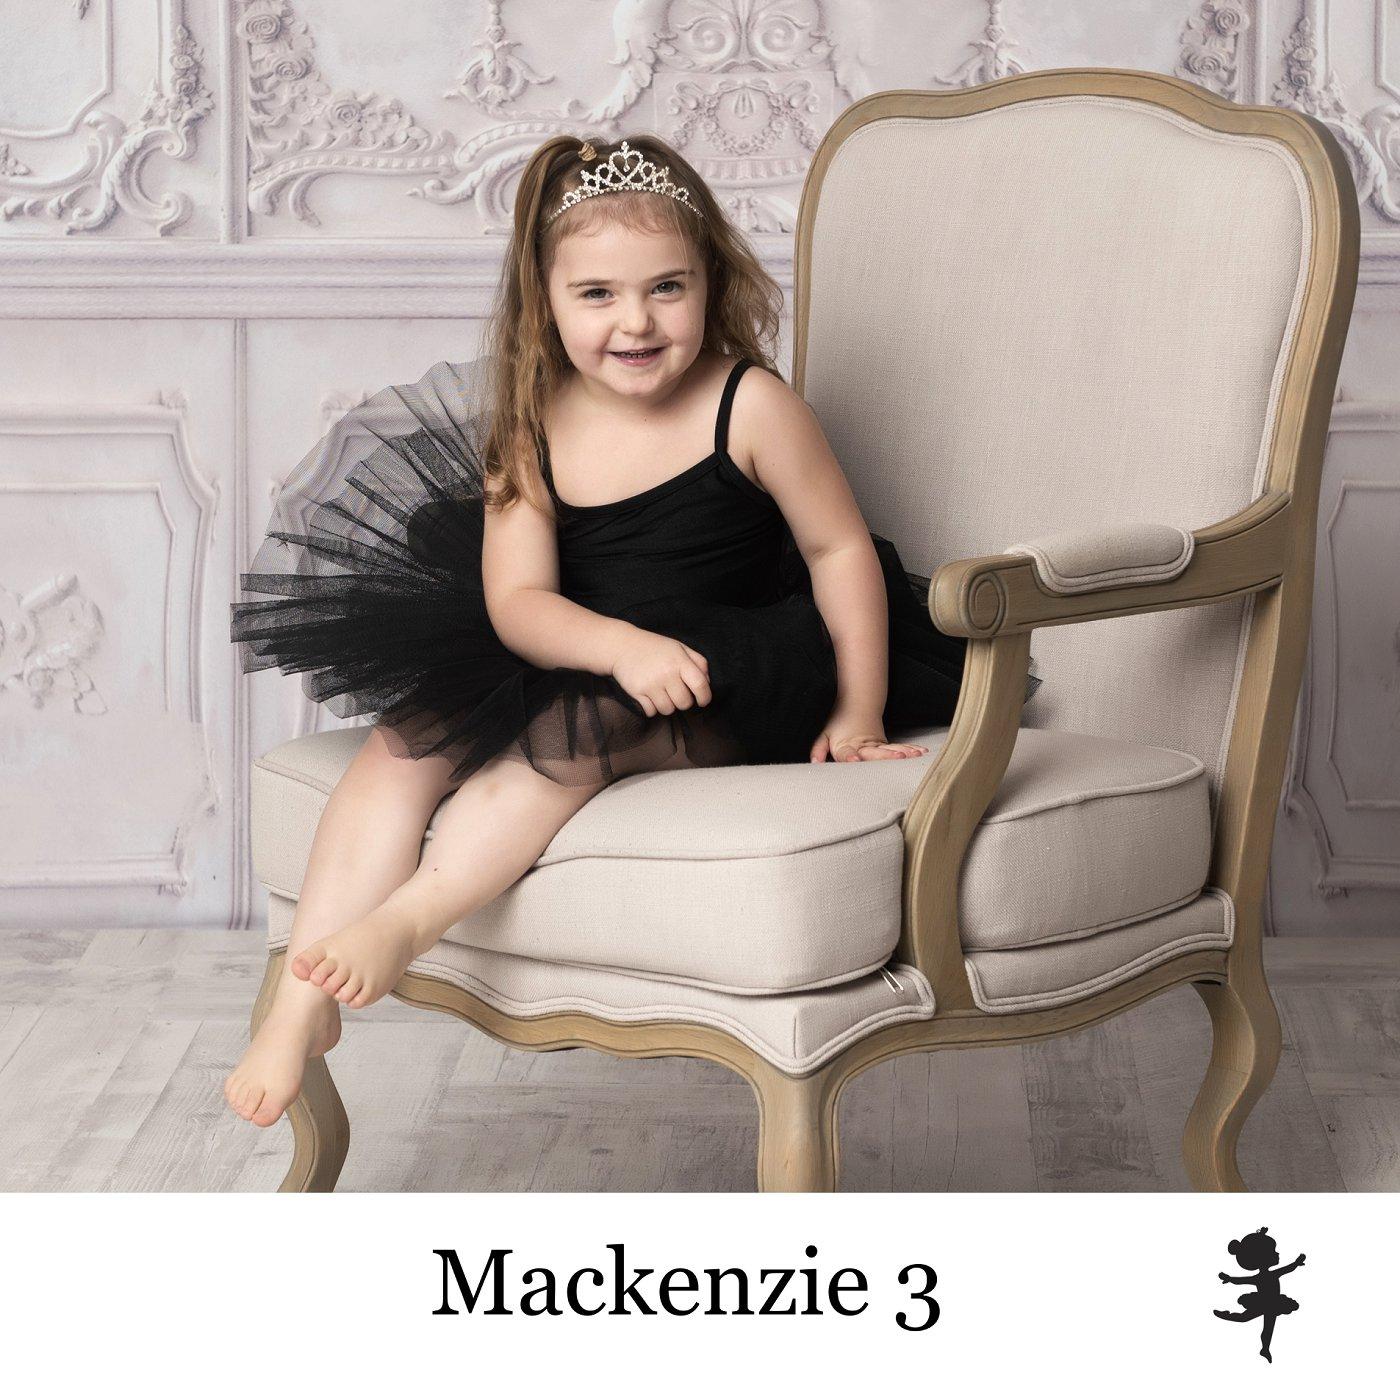 LB6819- Mackenzie 3.jpg